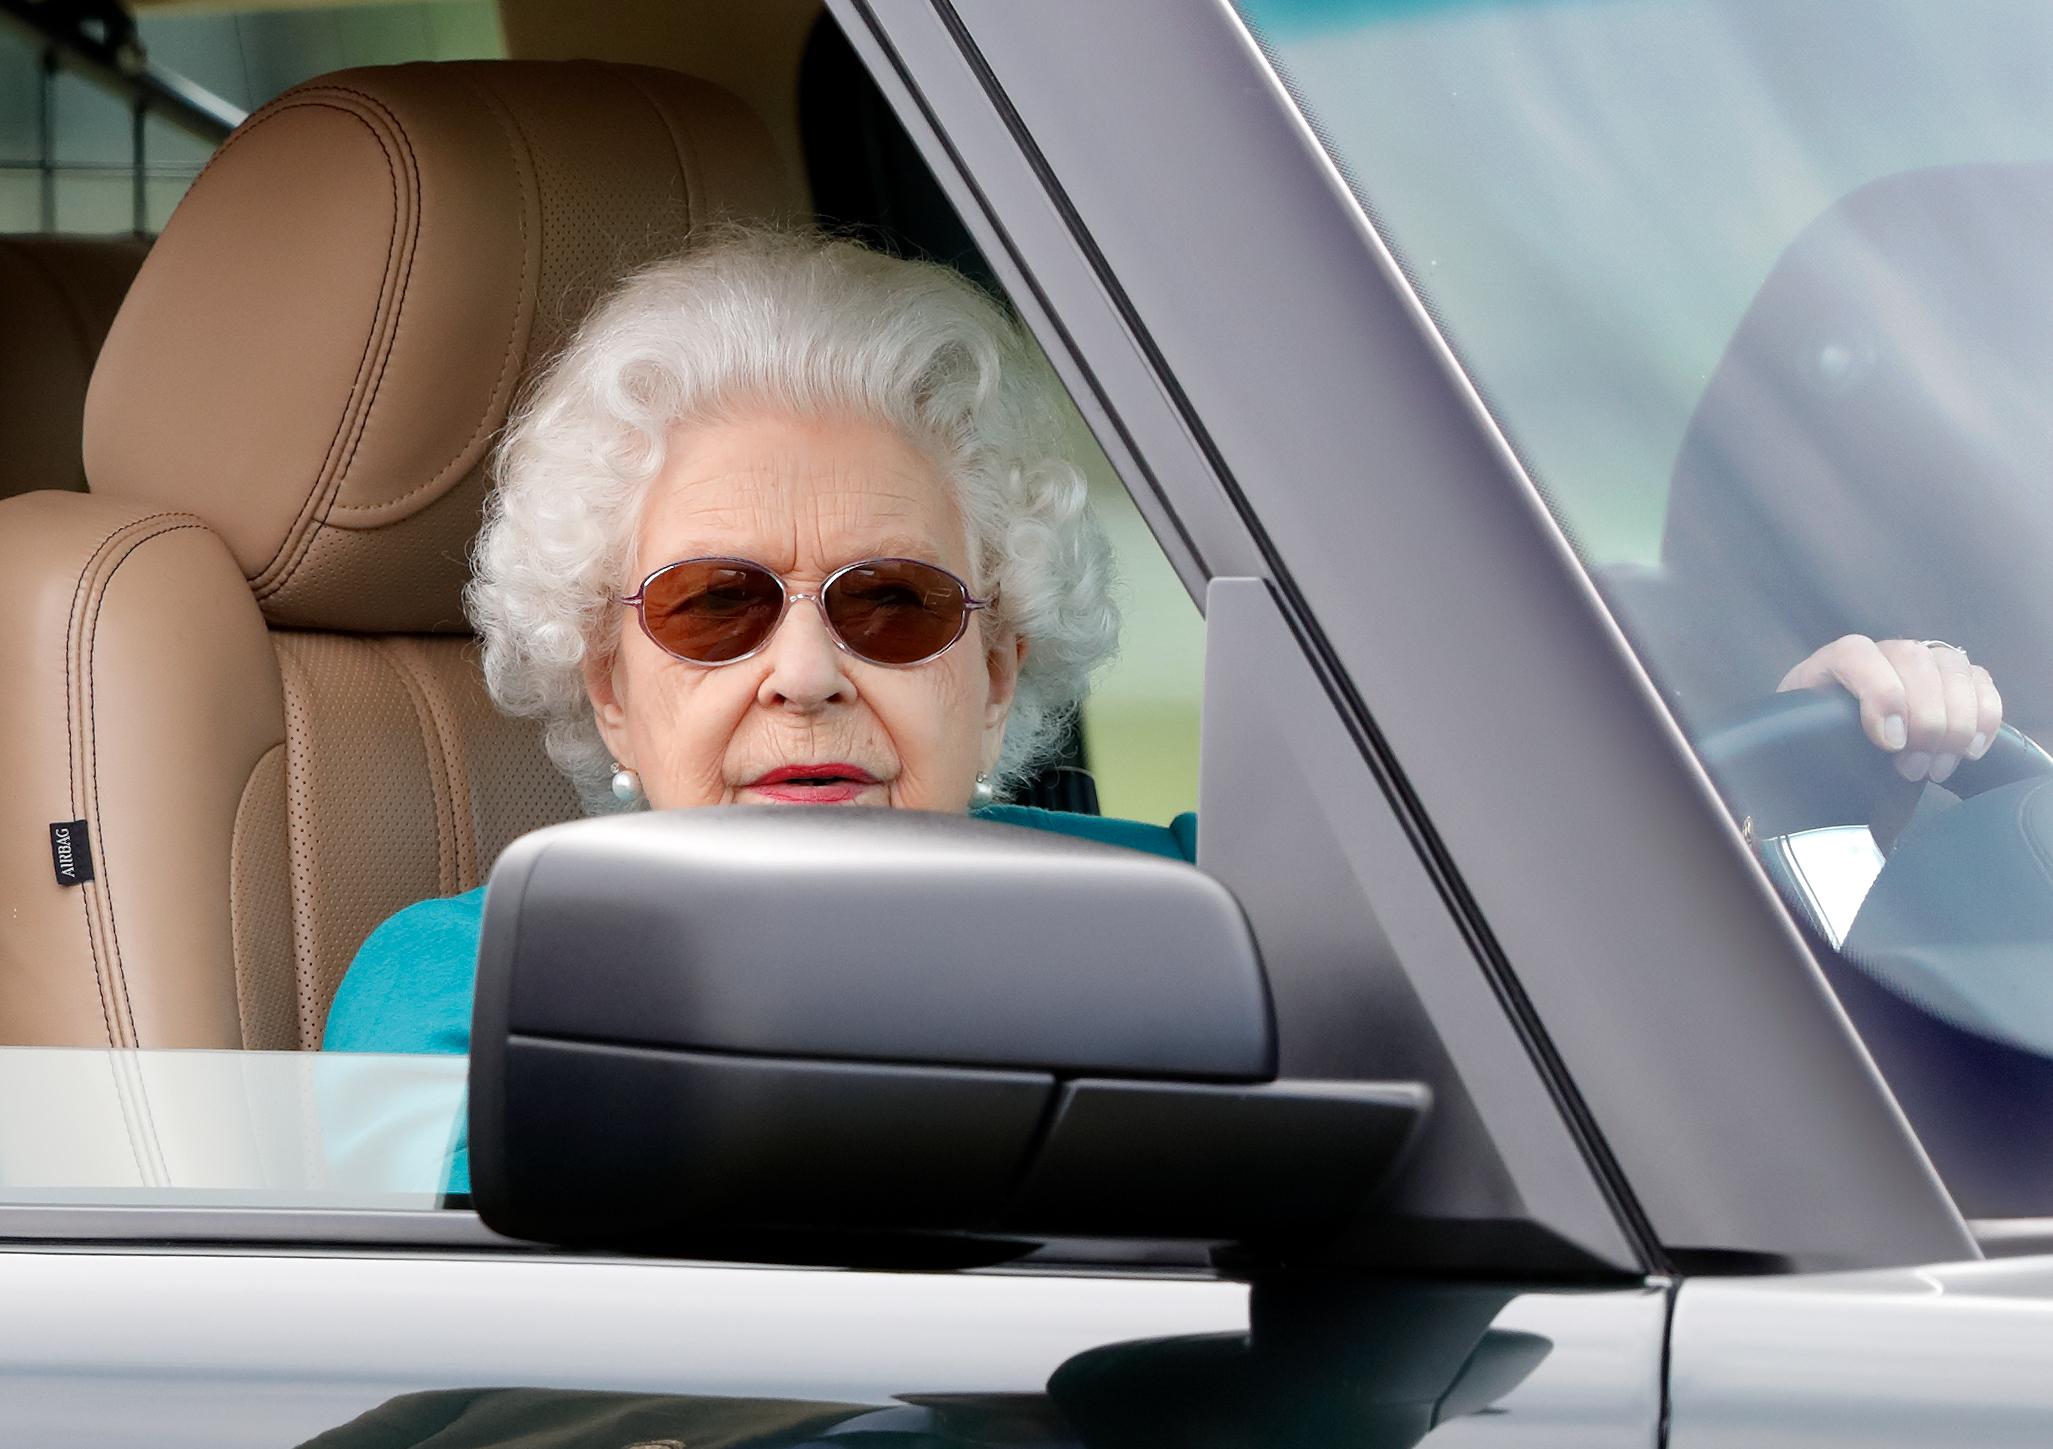 С подругой и охранниками: 95-летняя Елизавета II была замечена за рулем своего Land Rover